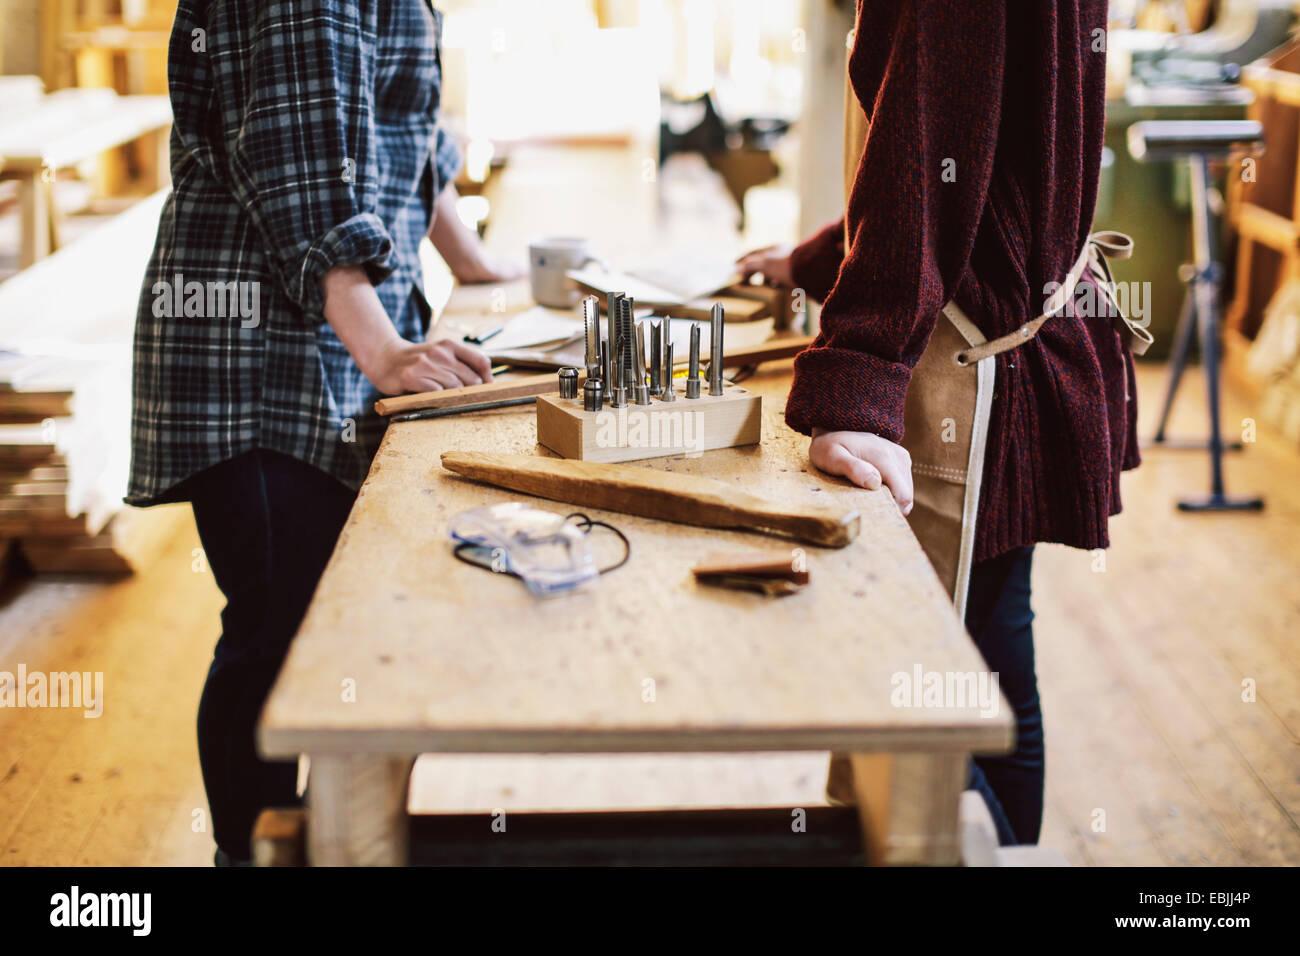 Blick auf zwei Handwerkerinnen an Werkbank in Rohr Orgelwerkstatt beschnitten Stockbild